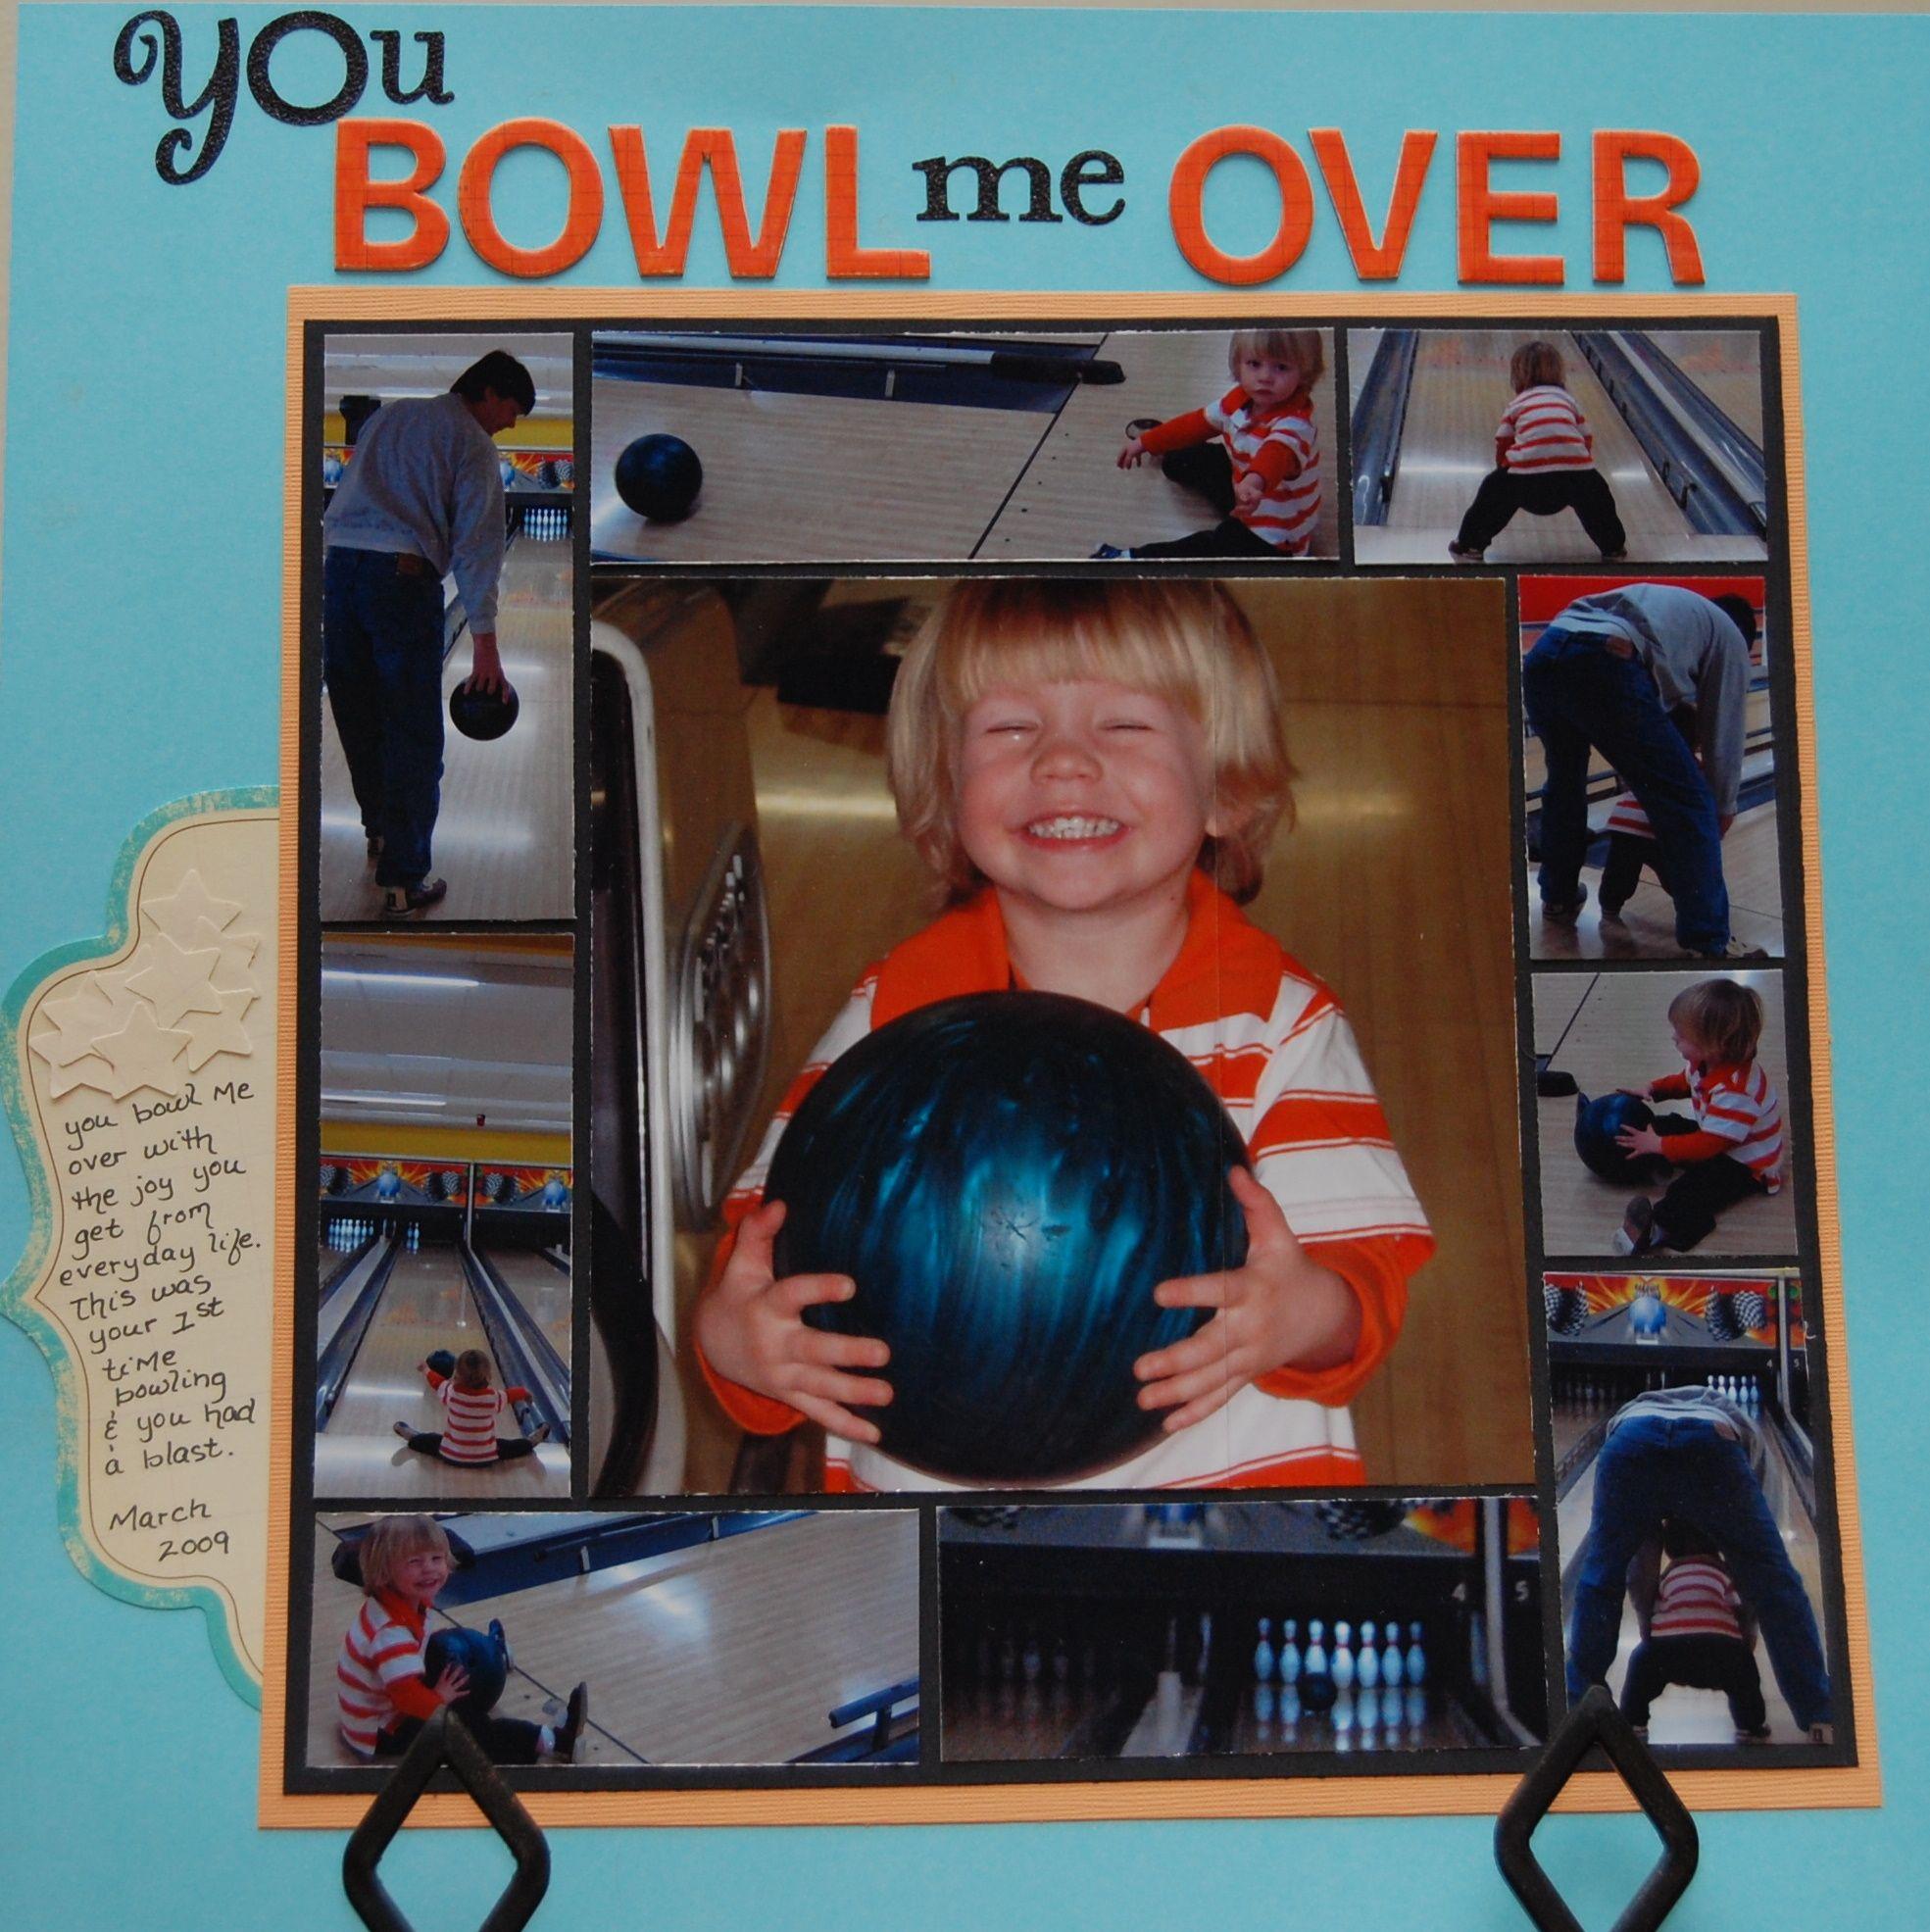 You Bowl me Over - Scrapbook.com